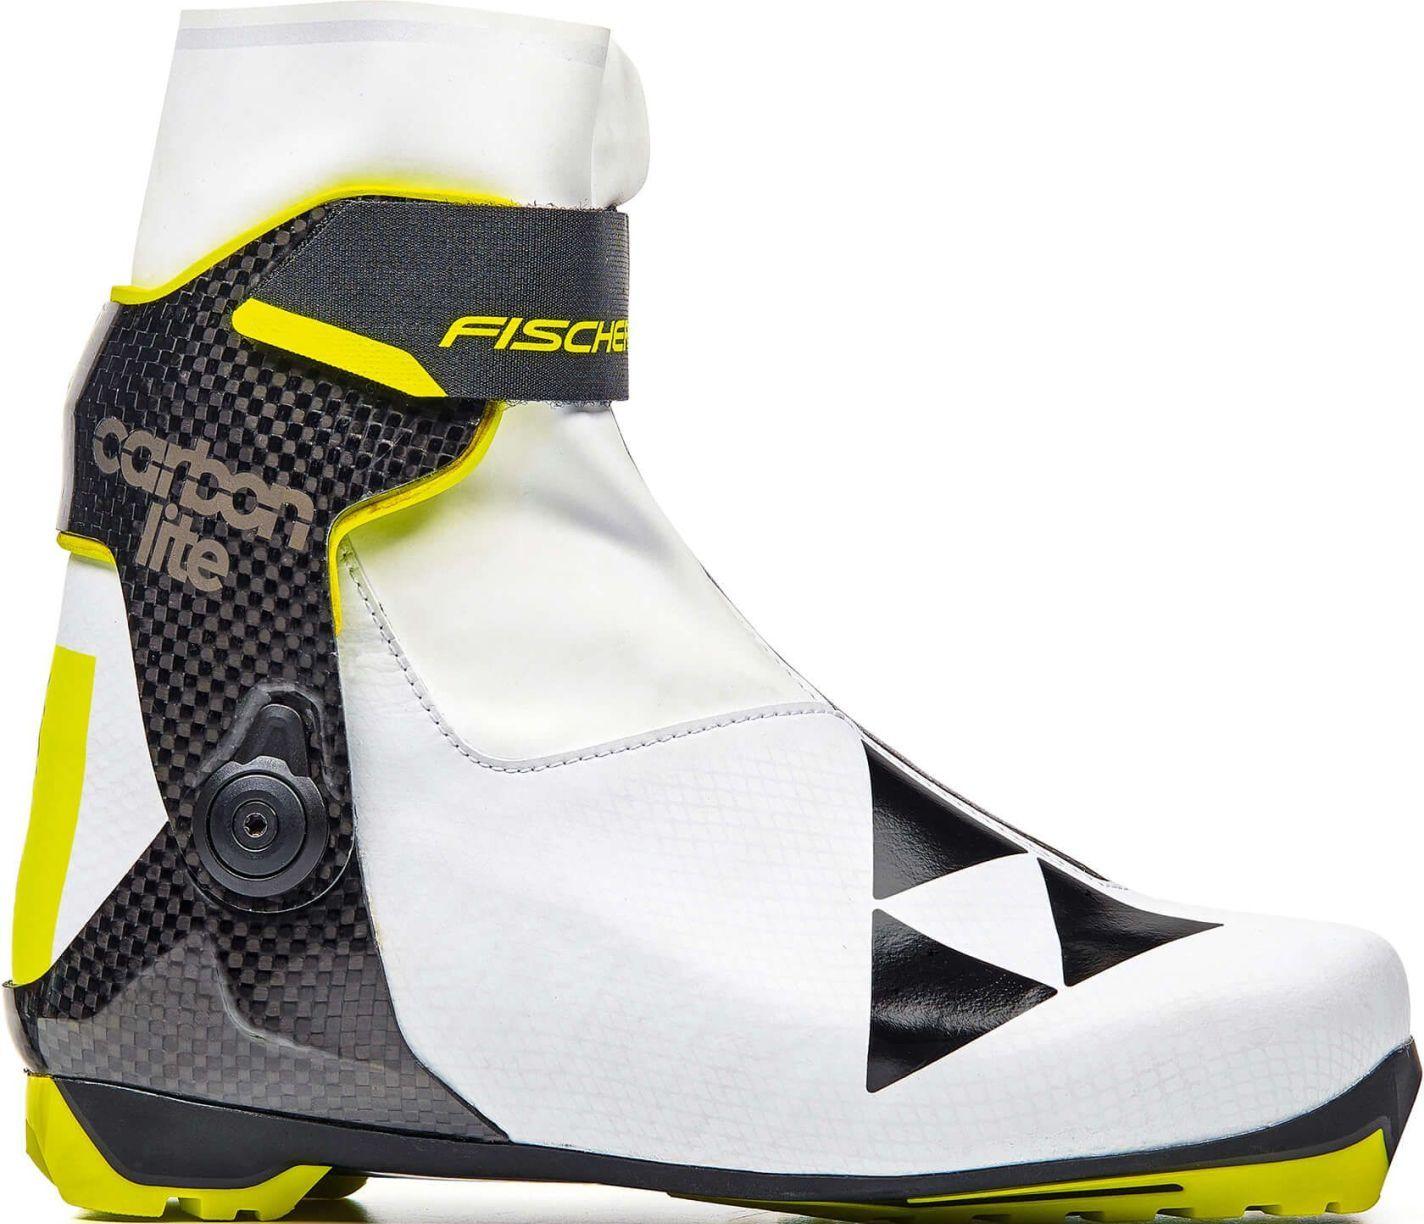 Fischer Carbonlite Skate Ws 41